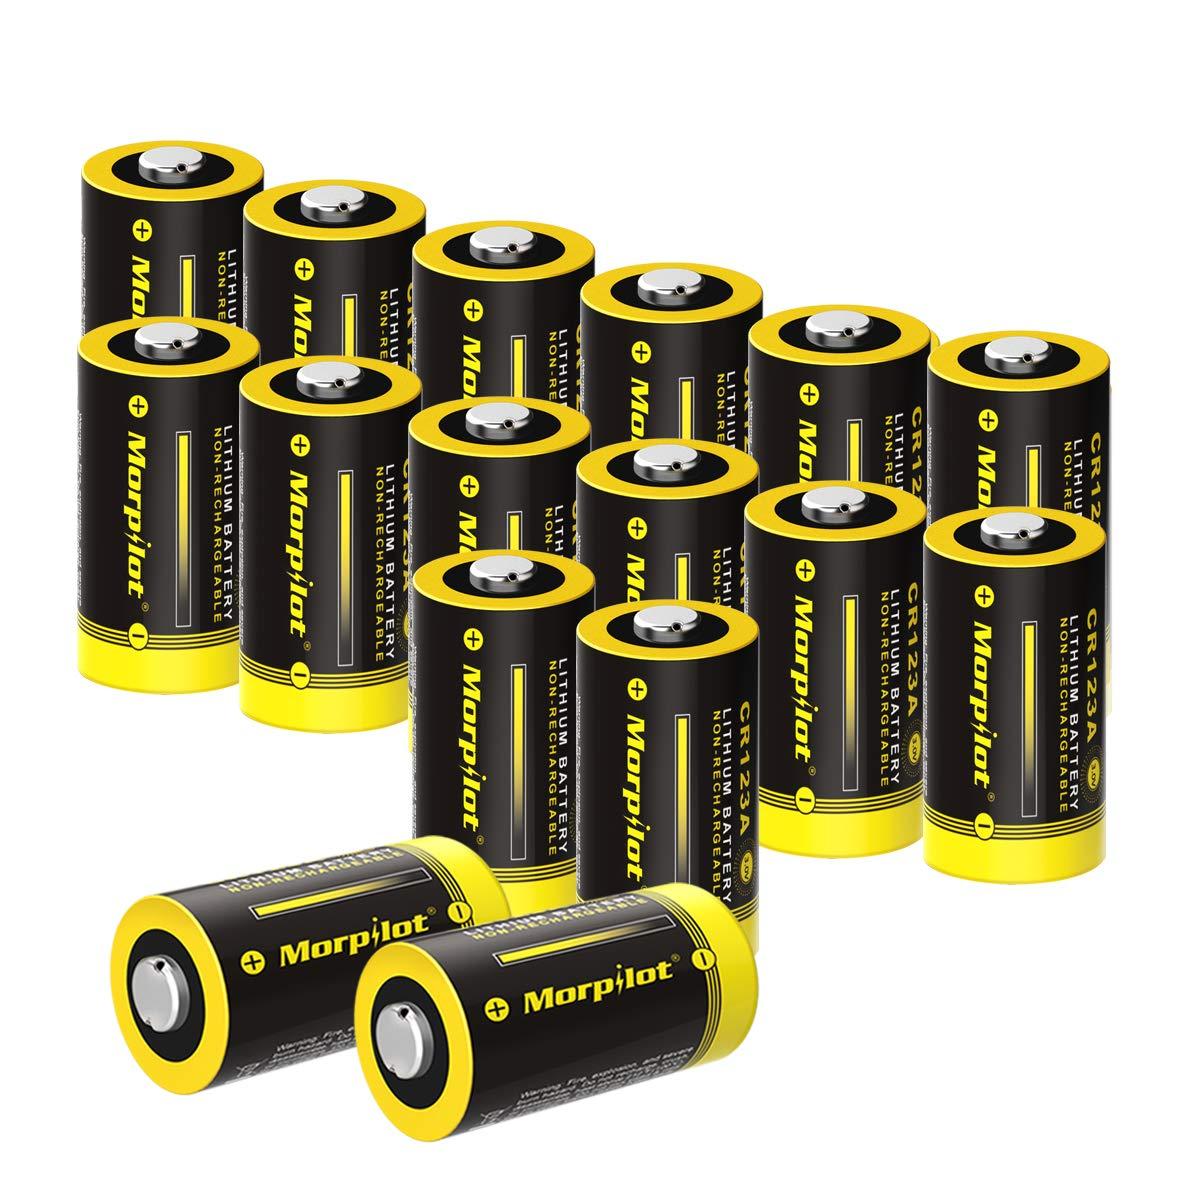 Batterien CR123A / CR123, 16Stück 3V 1500mAh CR17345 Lithium Batterie für Digitalkameras, Alarmanlagen, Sicherheitstechnik, Rauchmelder, Taschenlampen usw. - [Nicht wiederaufladbar]